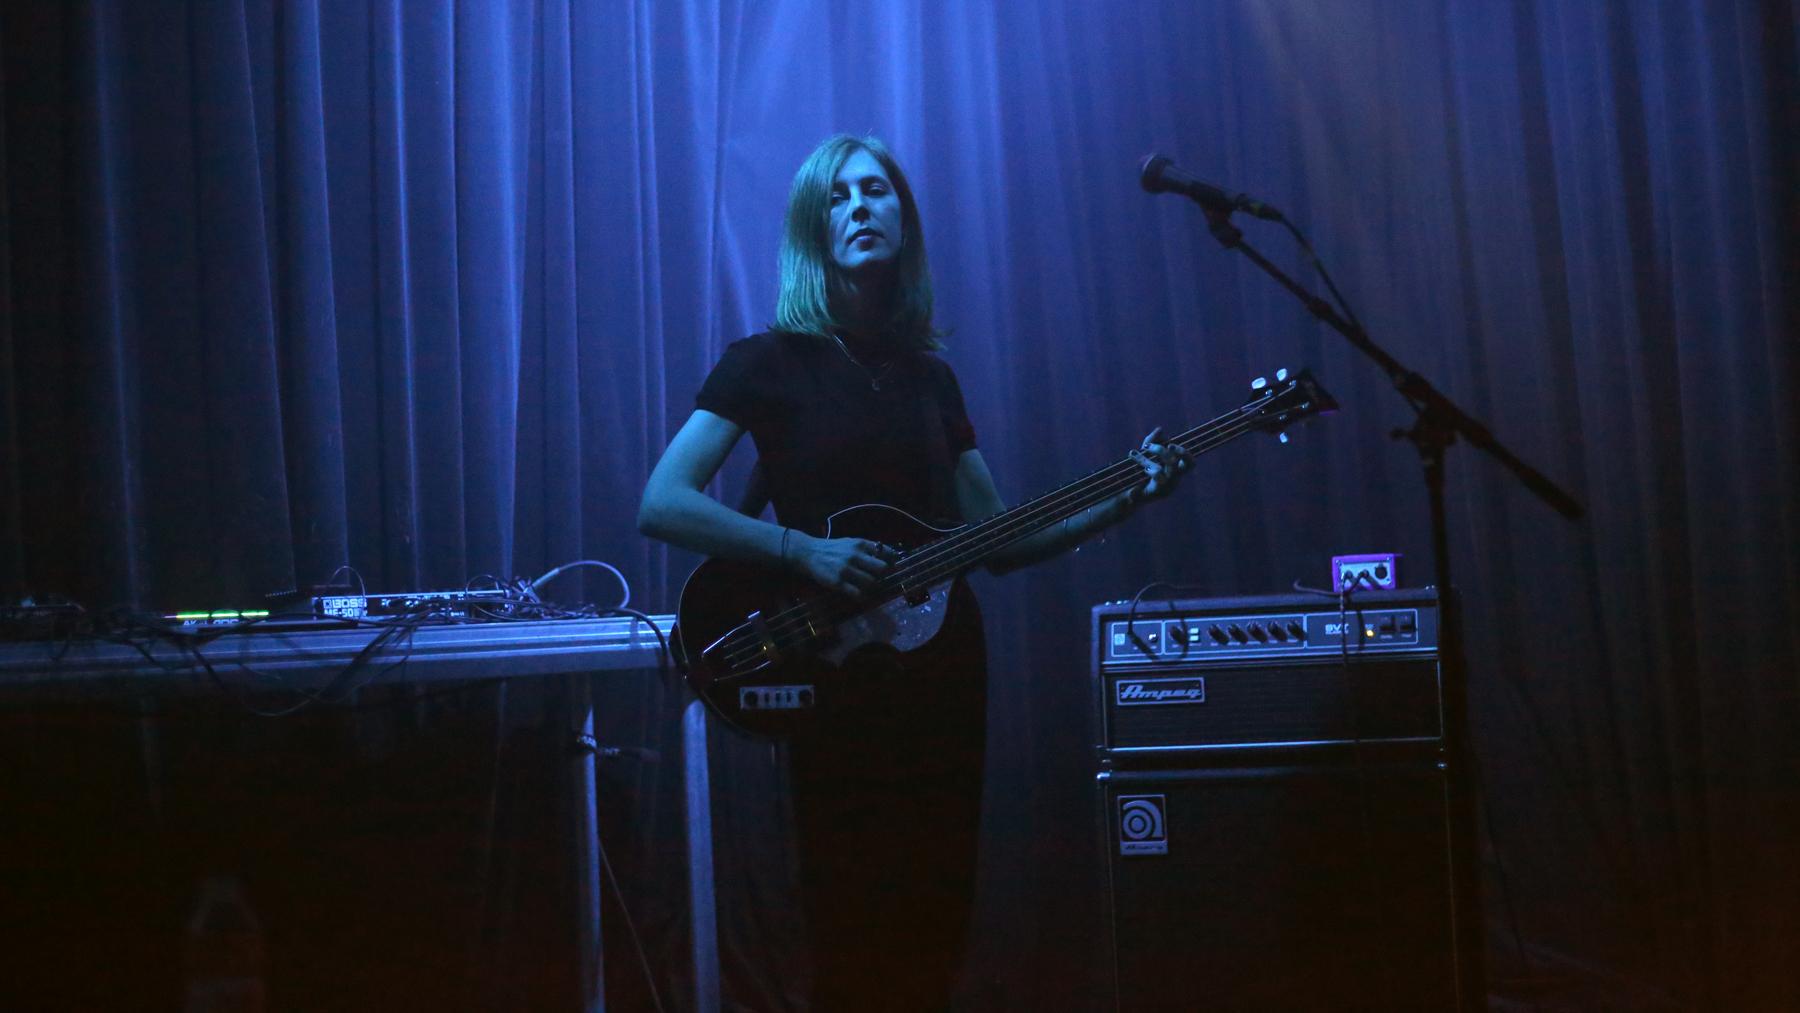 Carla dal Forno live at Alice Copenhagen